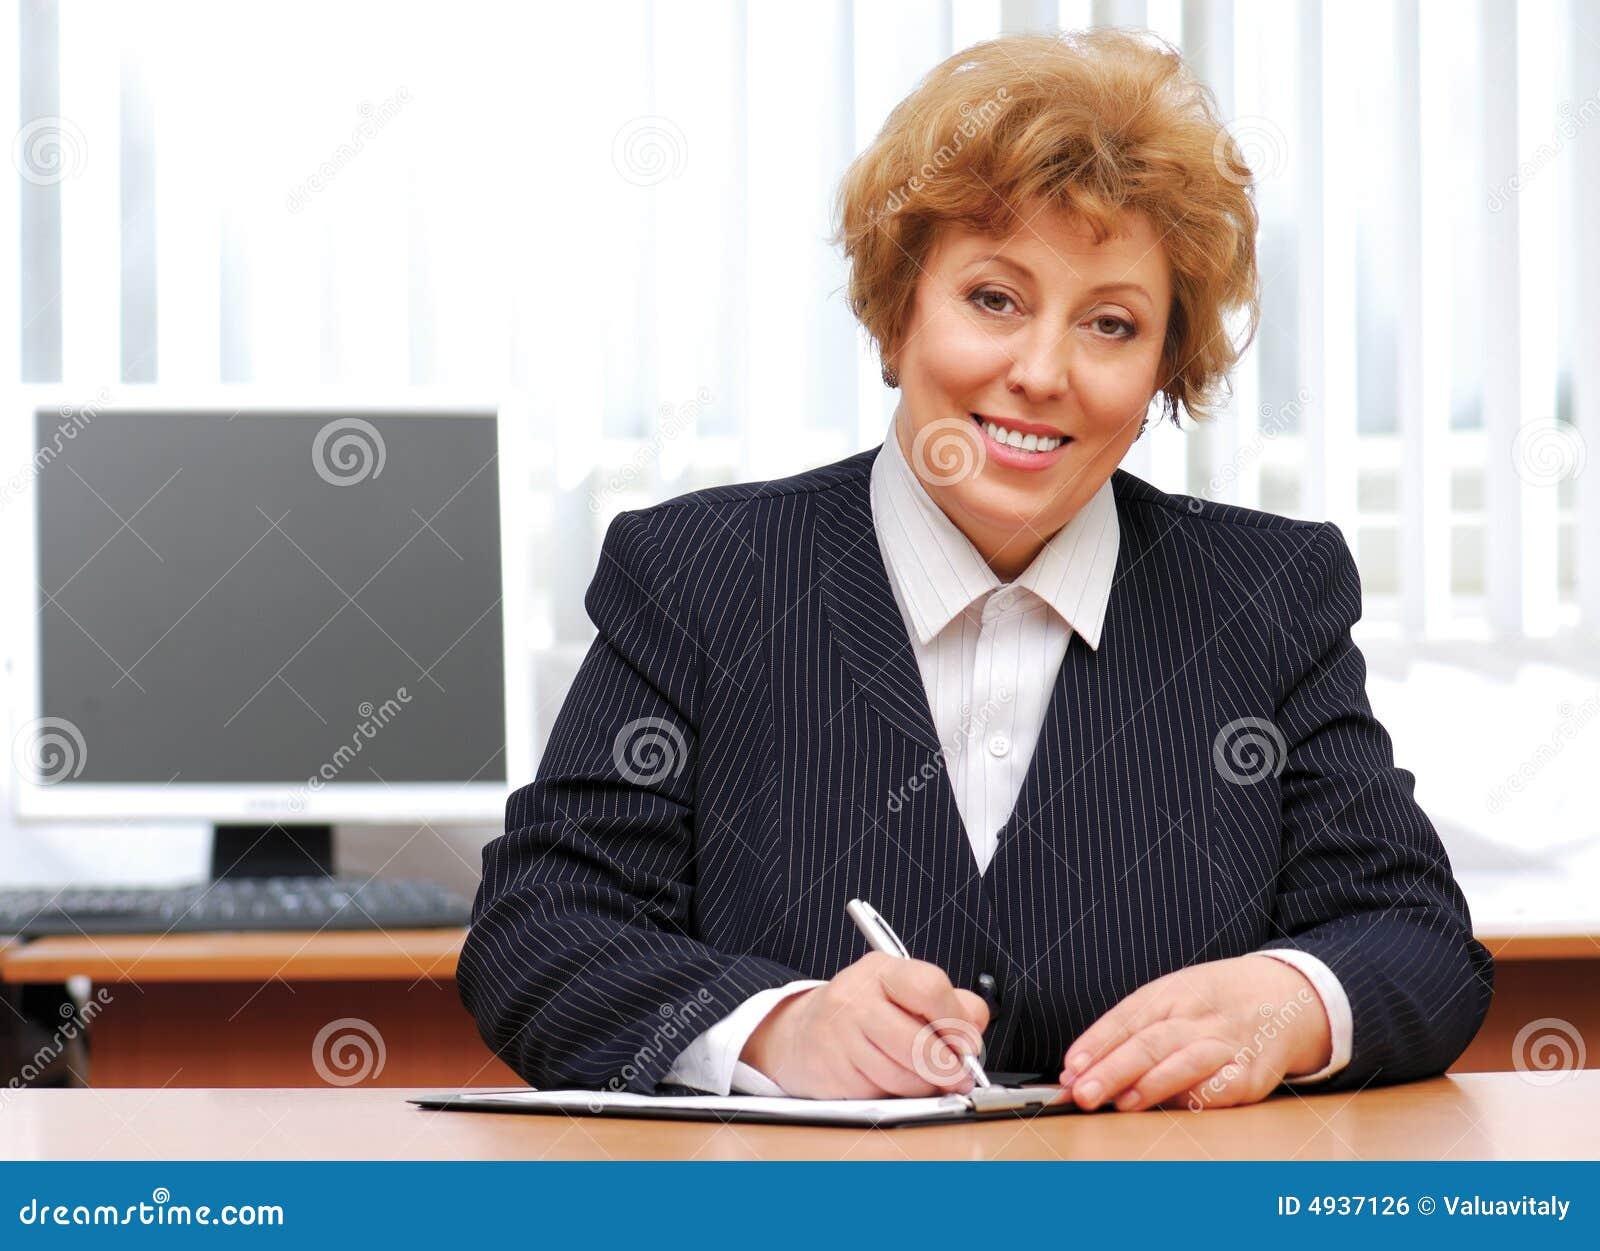 femme d 39 affaires photo stock image du doux bureau regarder 4937126. Black Bedroom Furniture Sets. Home Design Ideas